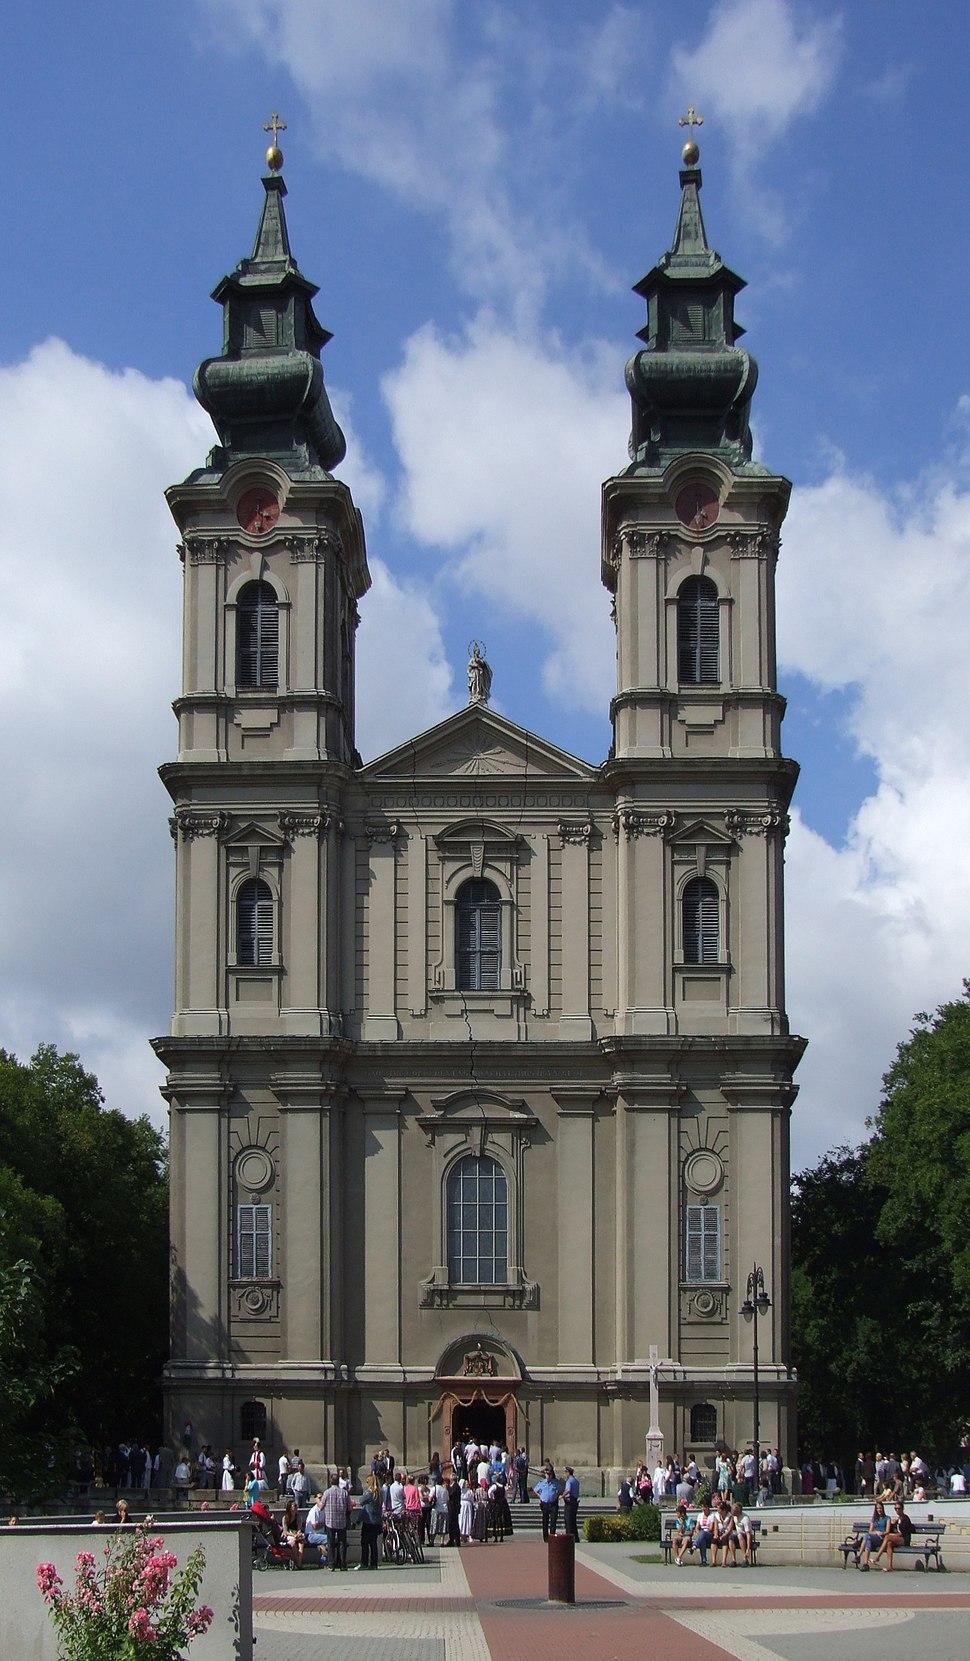 Subotica (Szabadka, Суботица) - catholic cathedral